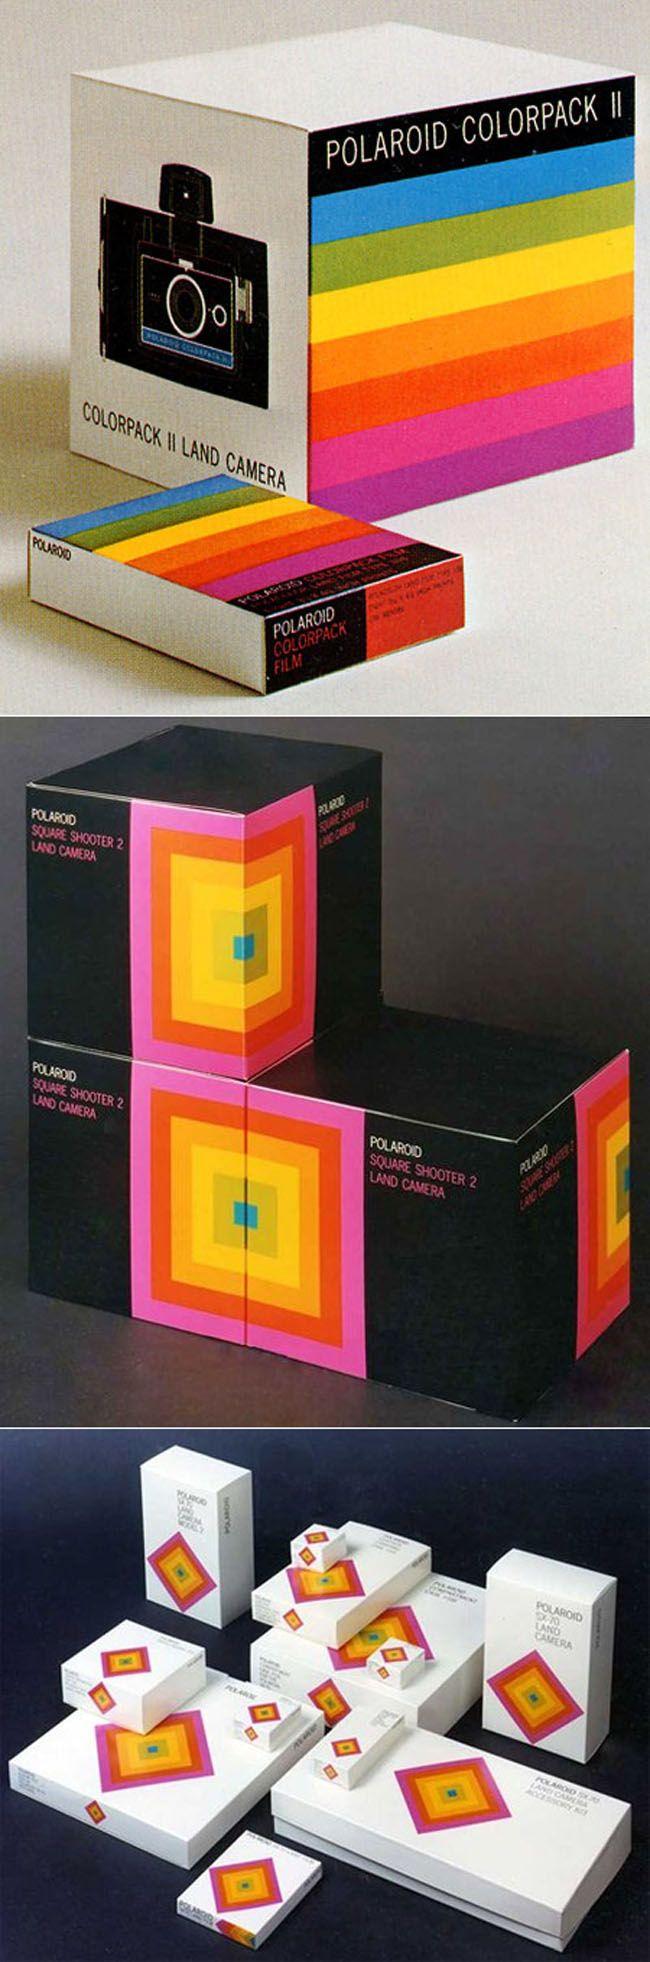 1960's Polaroid branding by Paul Giambarba